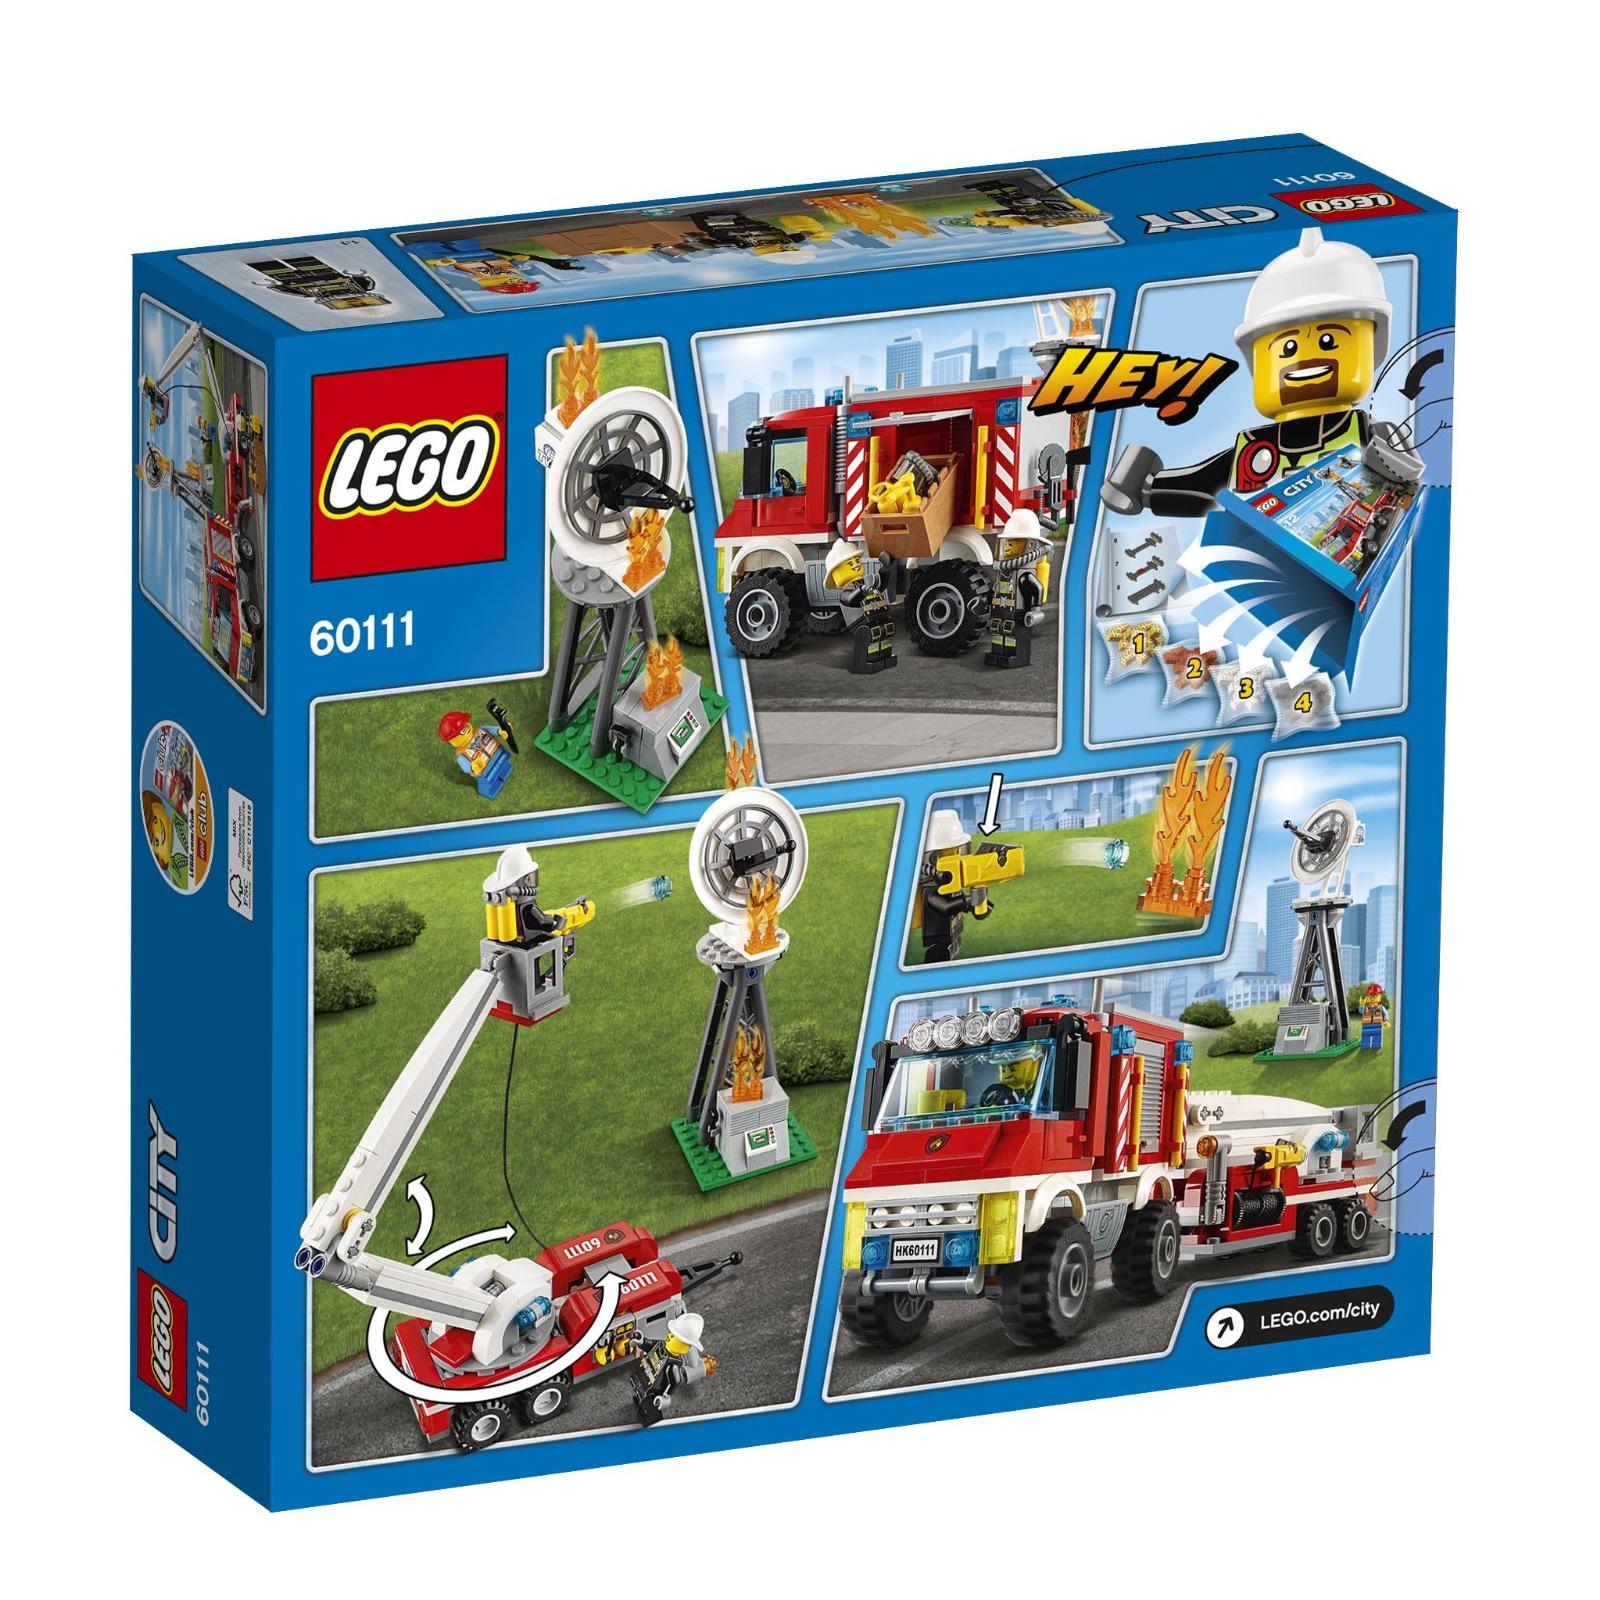 Конструктор LEGO City Fire Пожарный грузовик (60111) изображение 9